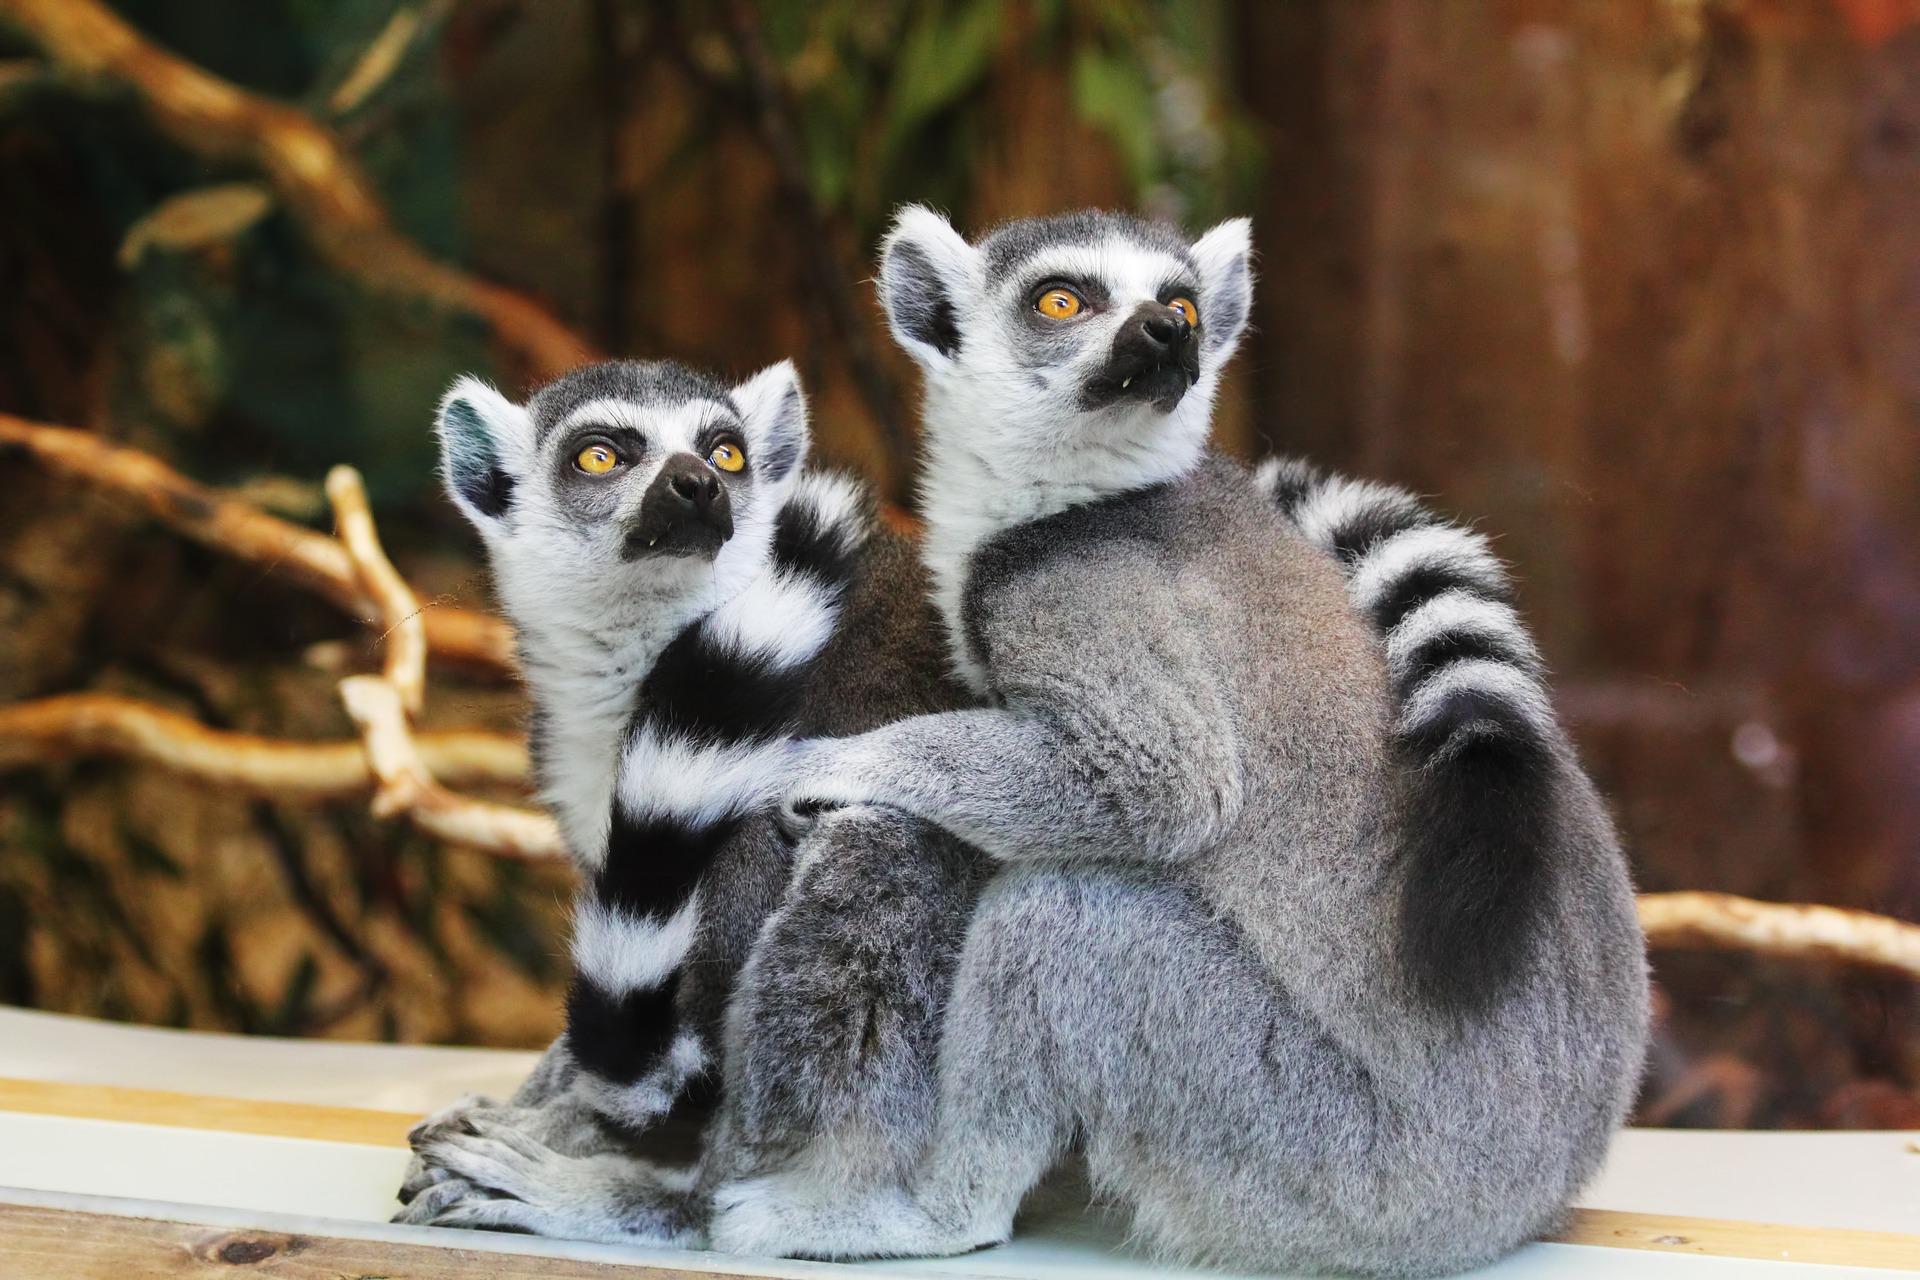 lémurien, couple, queue, réticulé, visage, étonnement - Fonds d'écran HD - Professor-falken.com